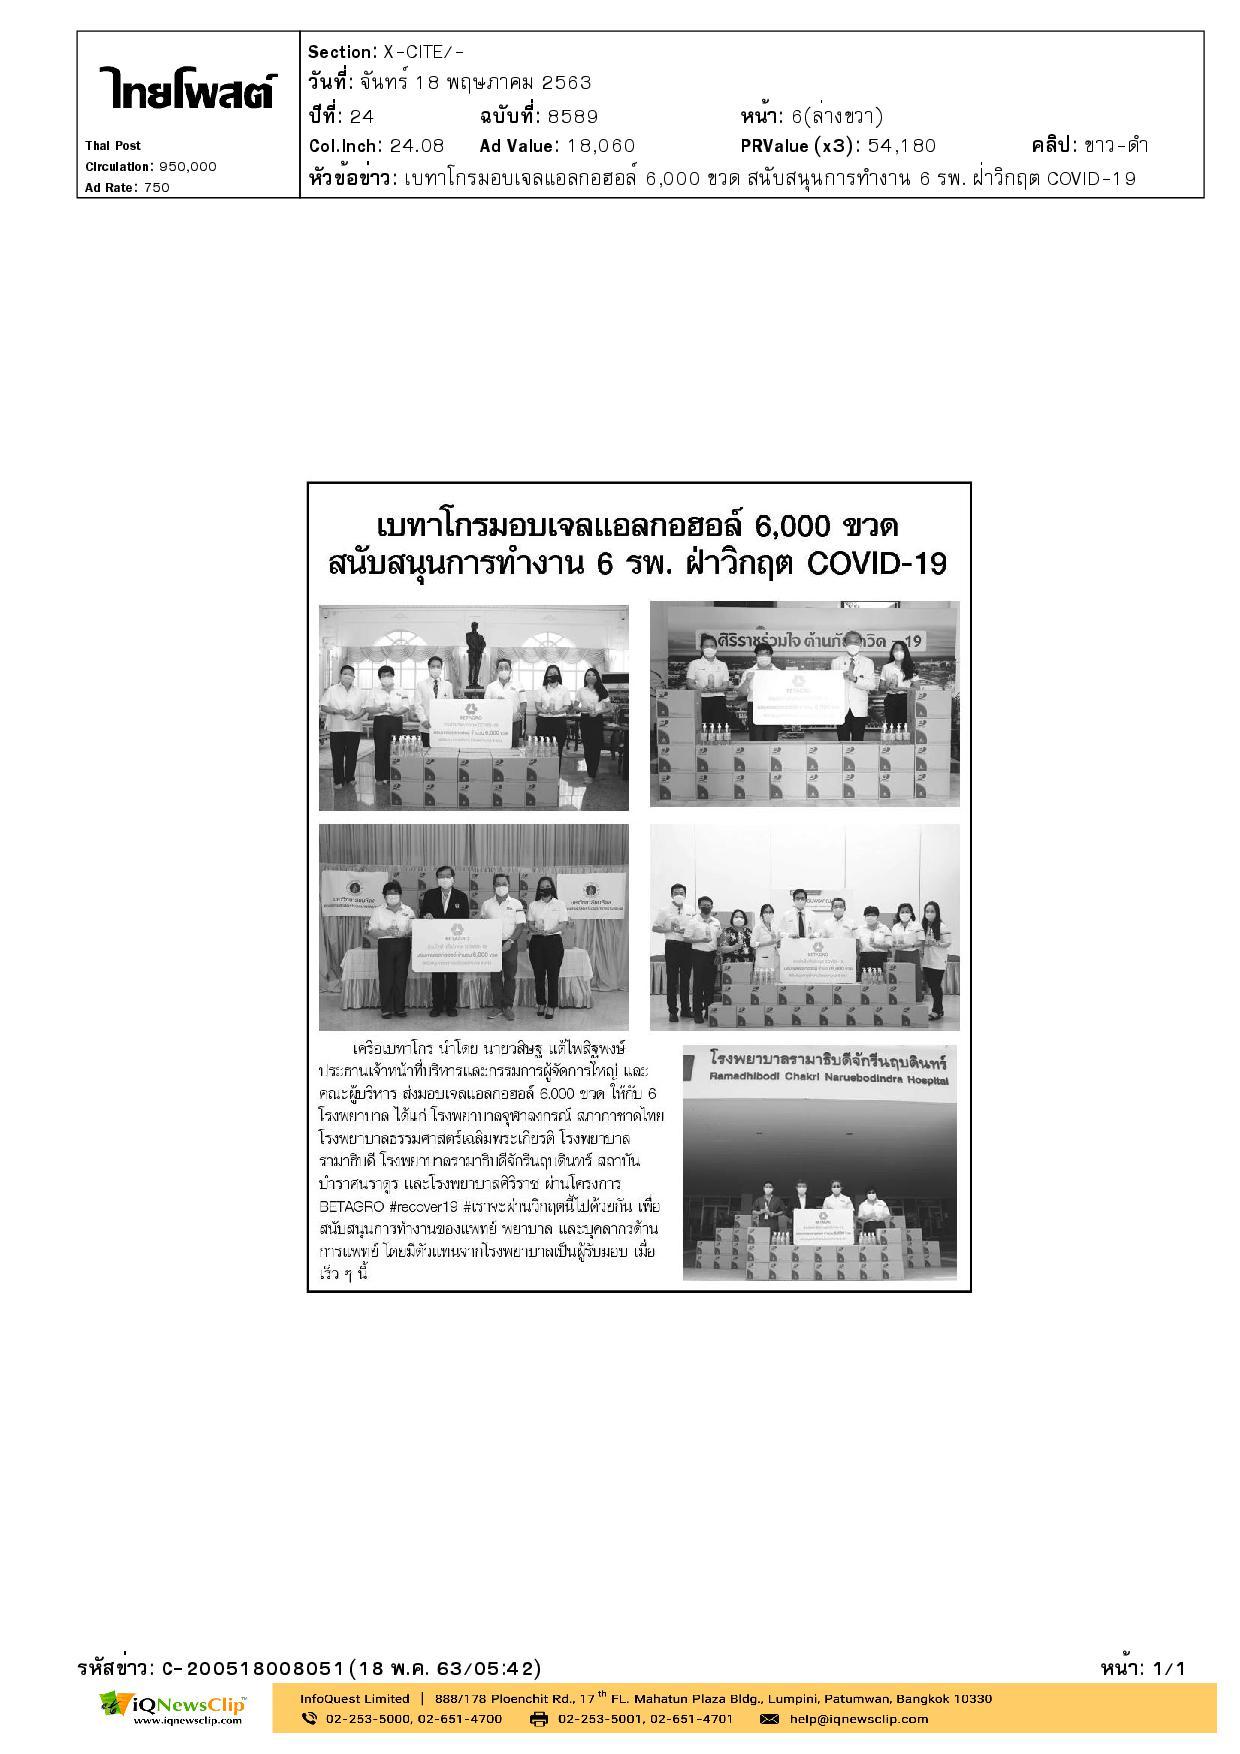 บุคลากรทางการแพทย์ รพ.จุฬาฯ